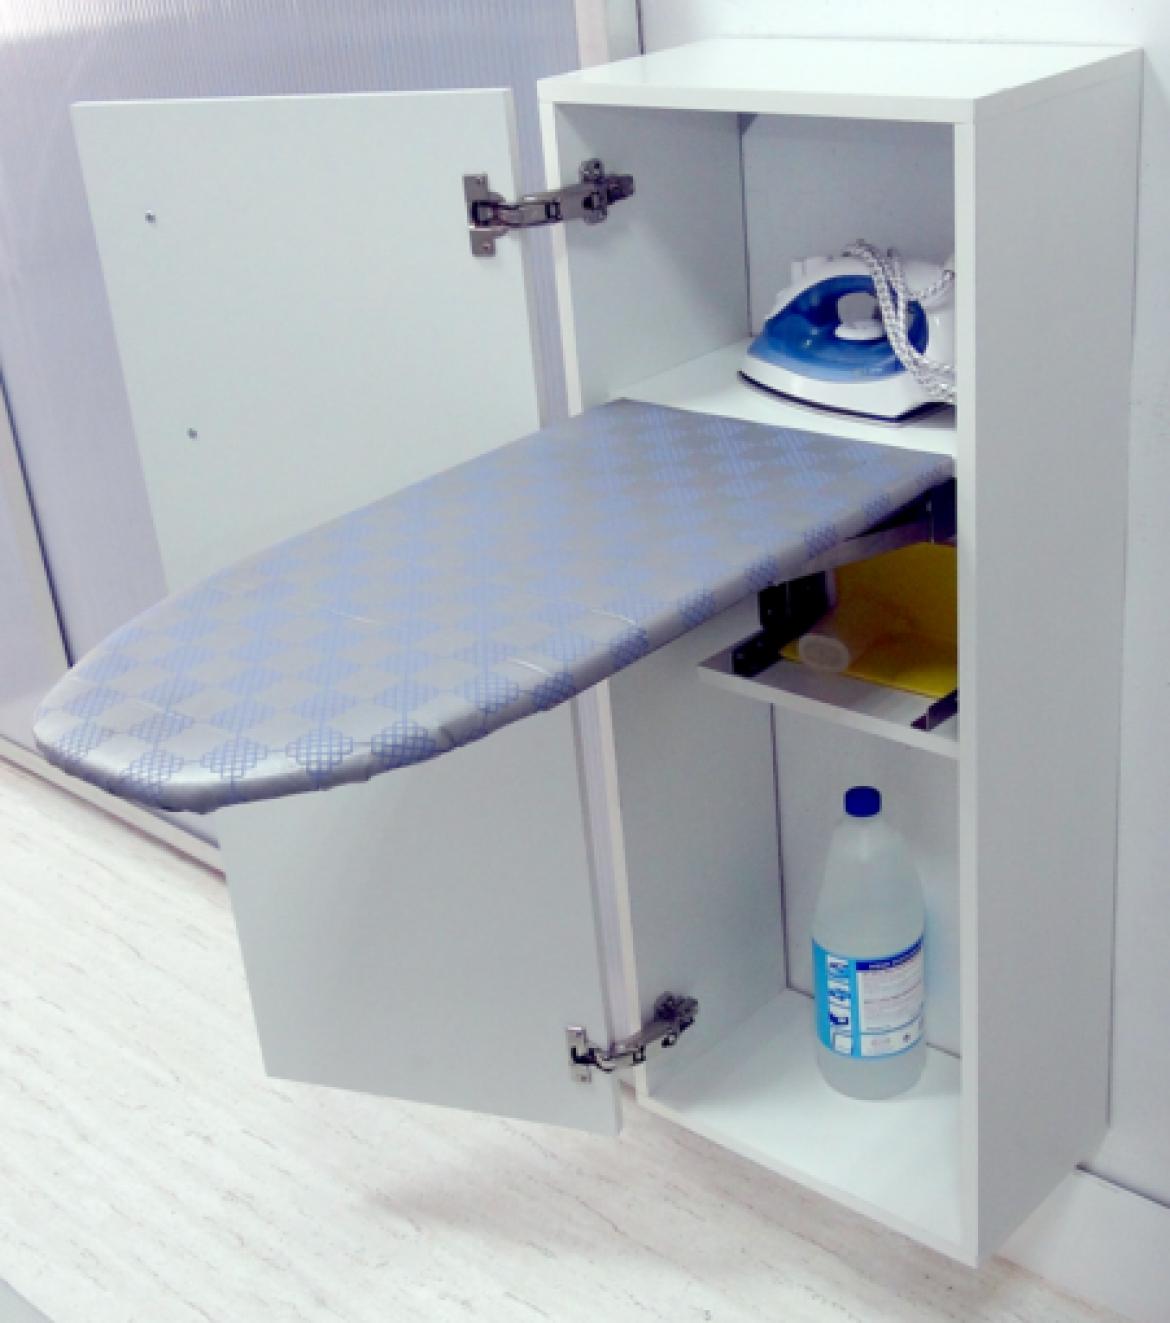 Mueble Para Planchar En Viviendas Con Poco Espacio Ideas Hogar  # Muebles Poco Espacio